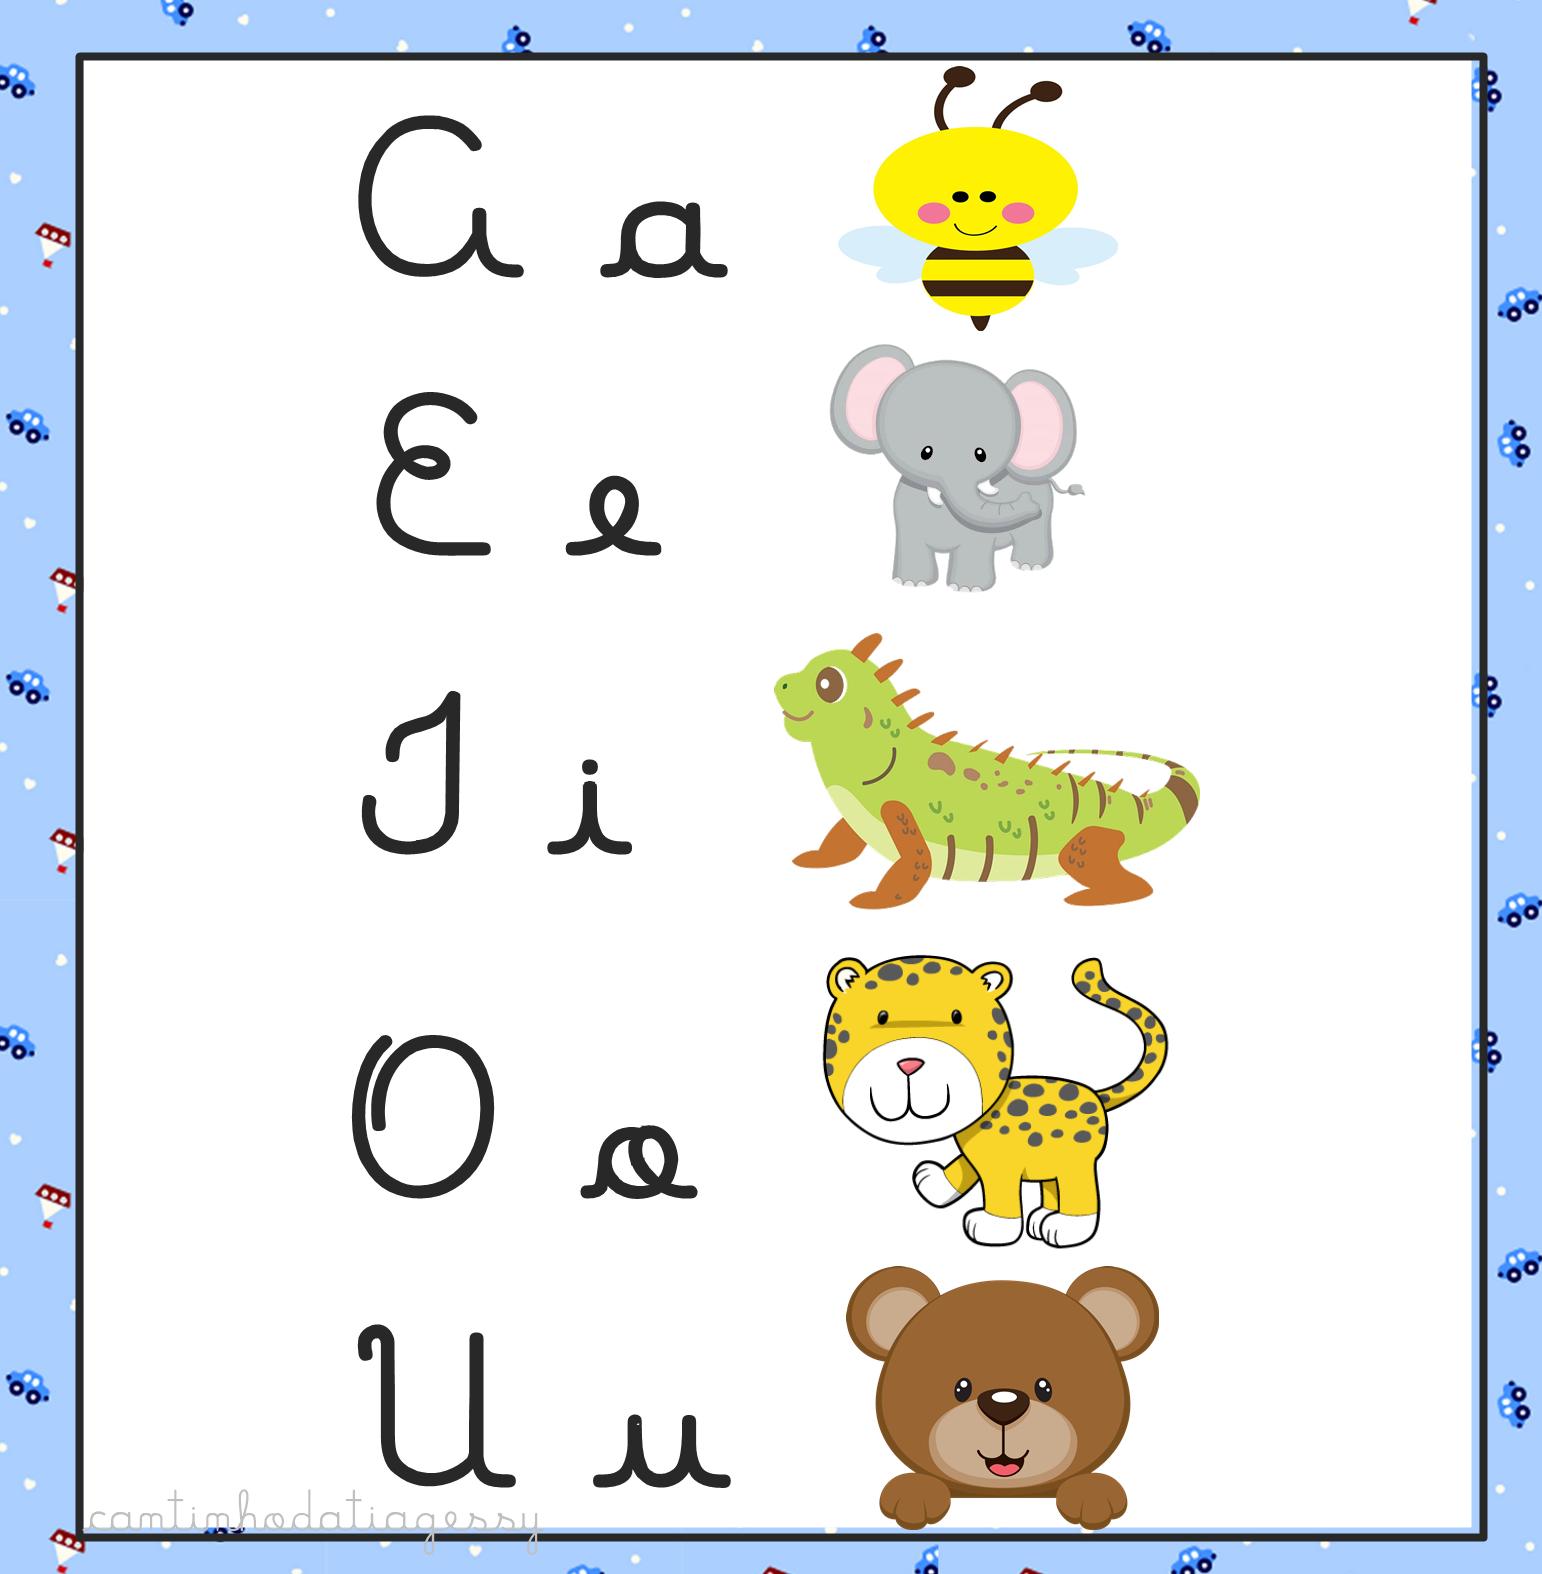 Cartaz Das Vogais Para Imprimir 4 Formas De Letras Cantinho Da